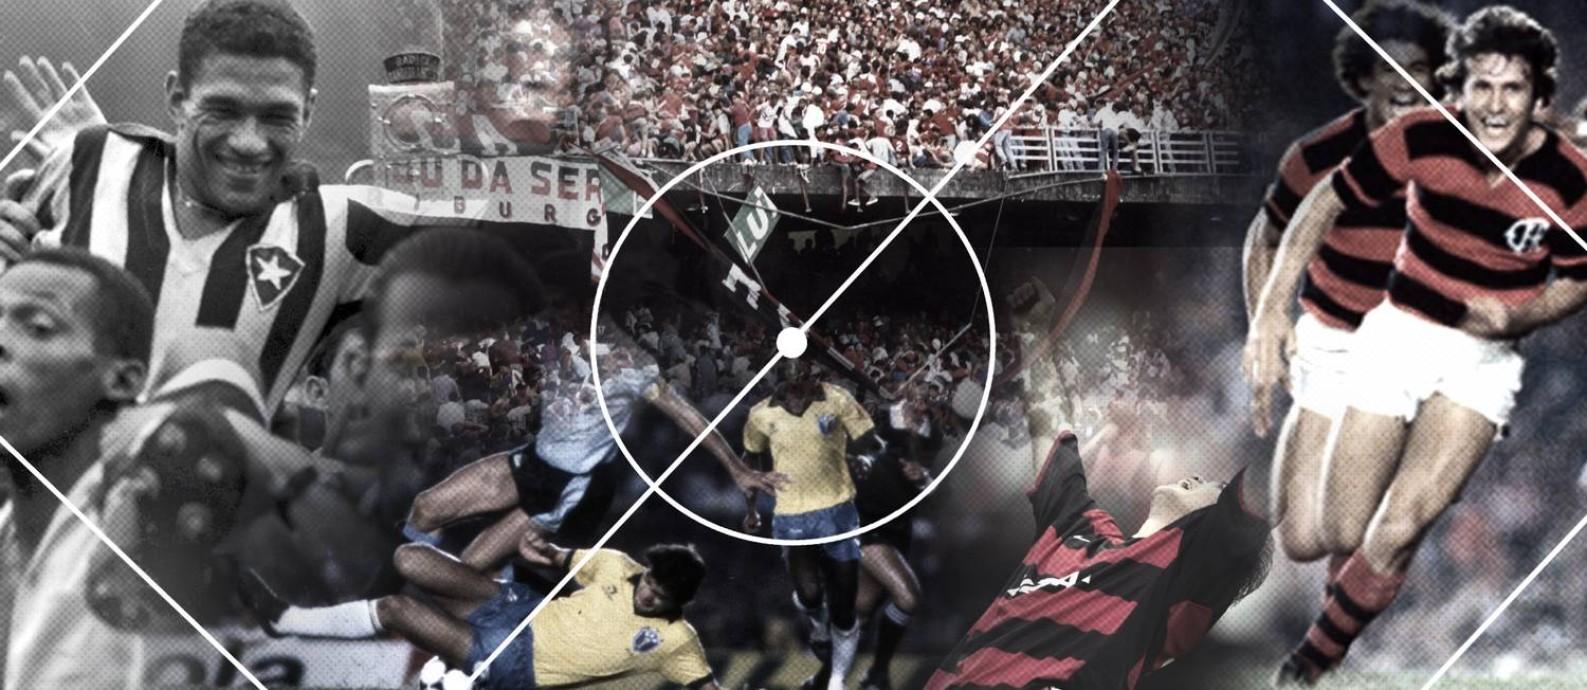 Quinta parte do ranking de maiores jogos da história do Maracanã: do 11º ao 20º lugares Foto: Editoria de Arte